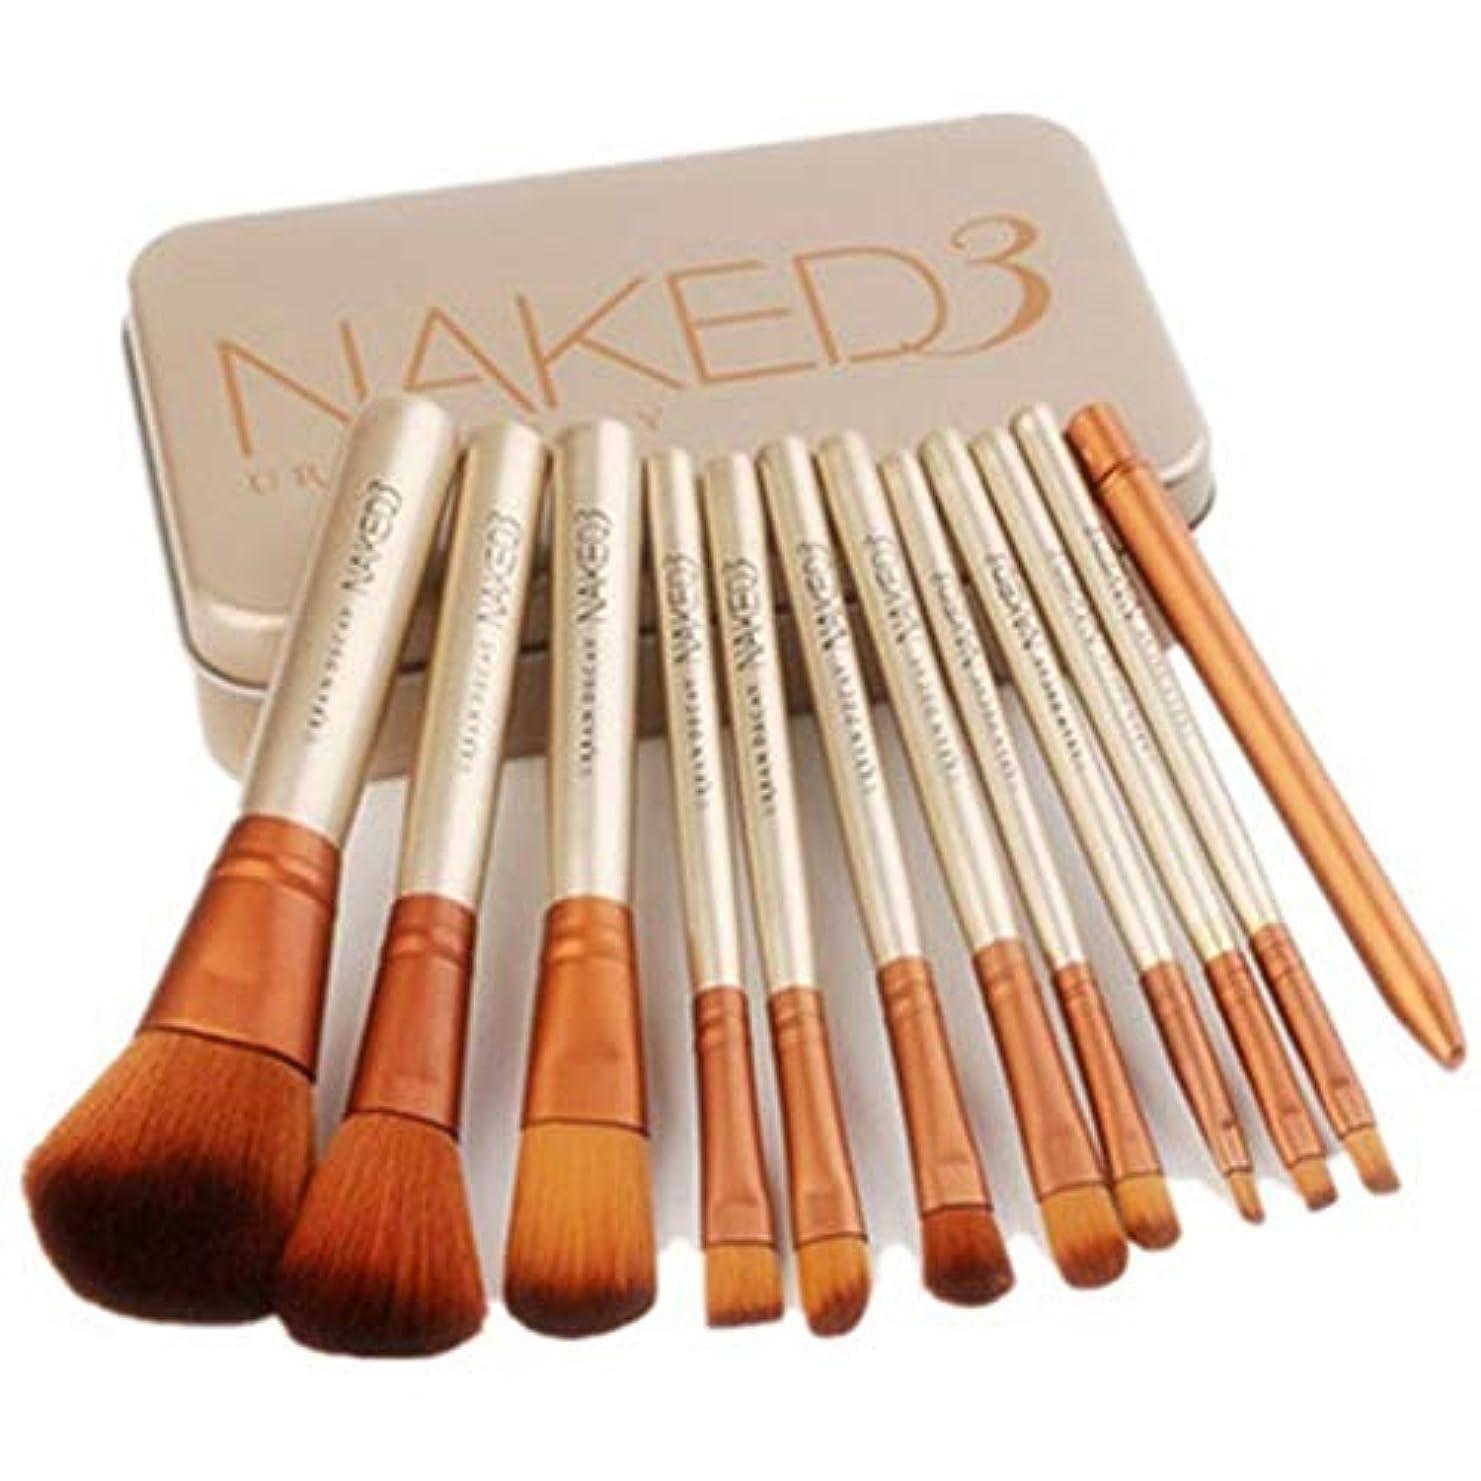 威信まどろみのあるお金ゴム初心者用化粧筆のための12の化粧筆美容化粧キット